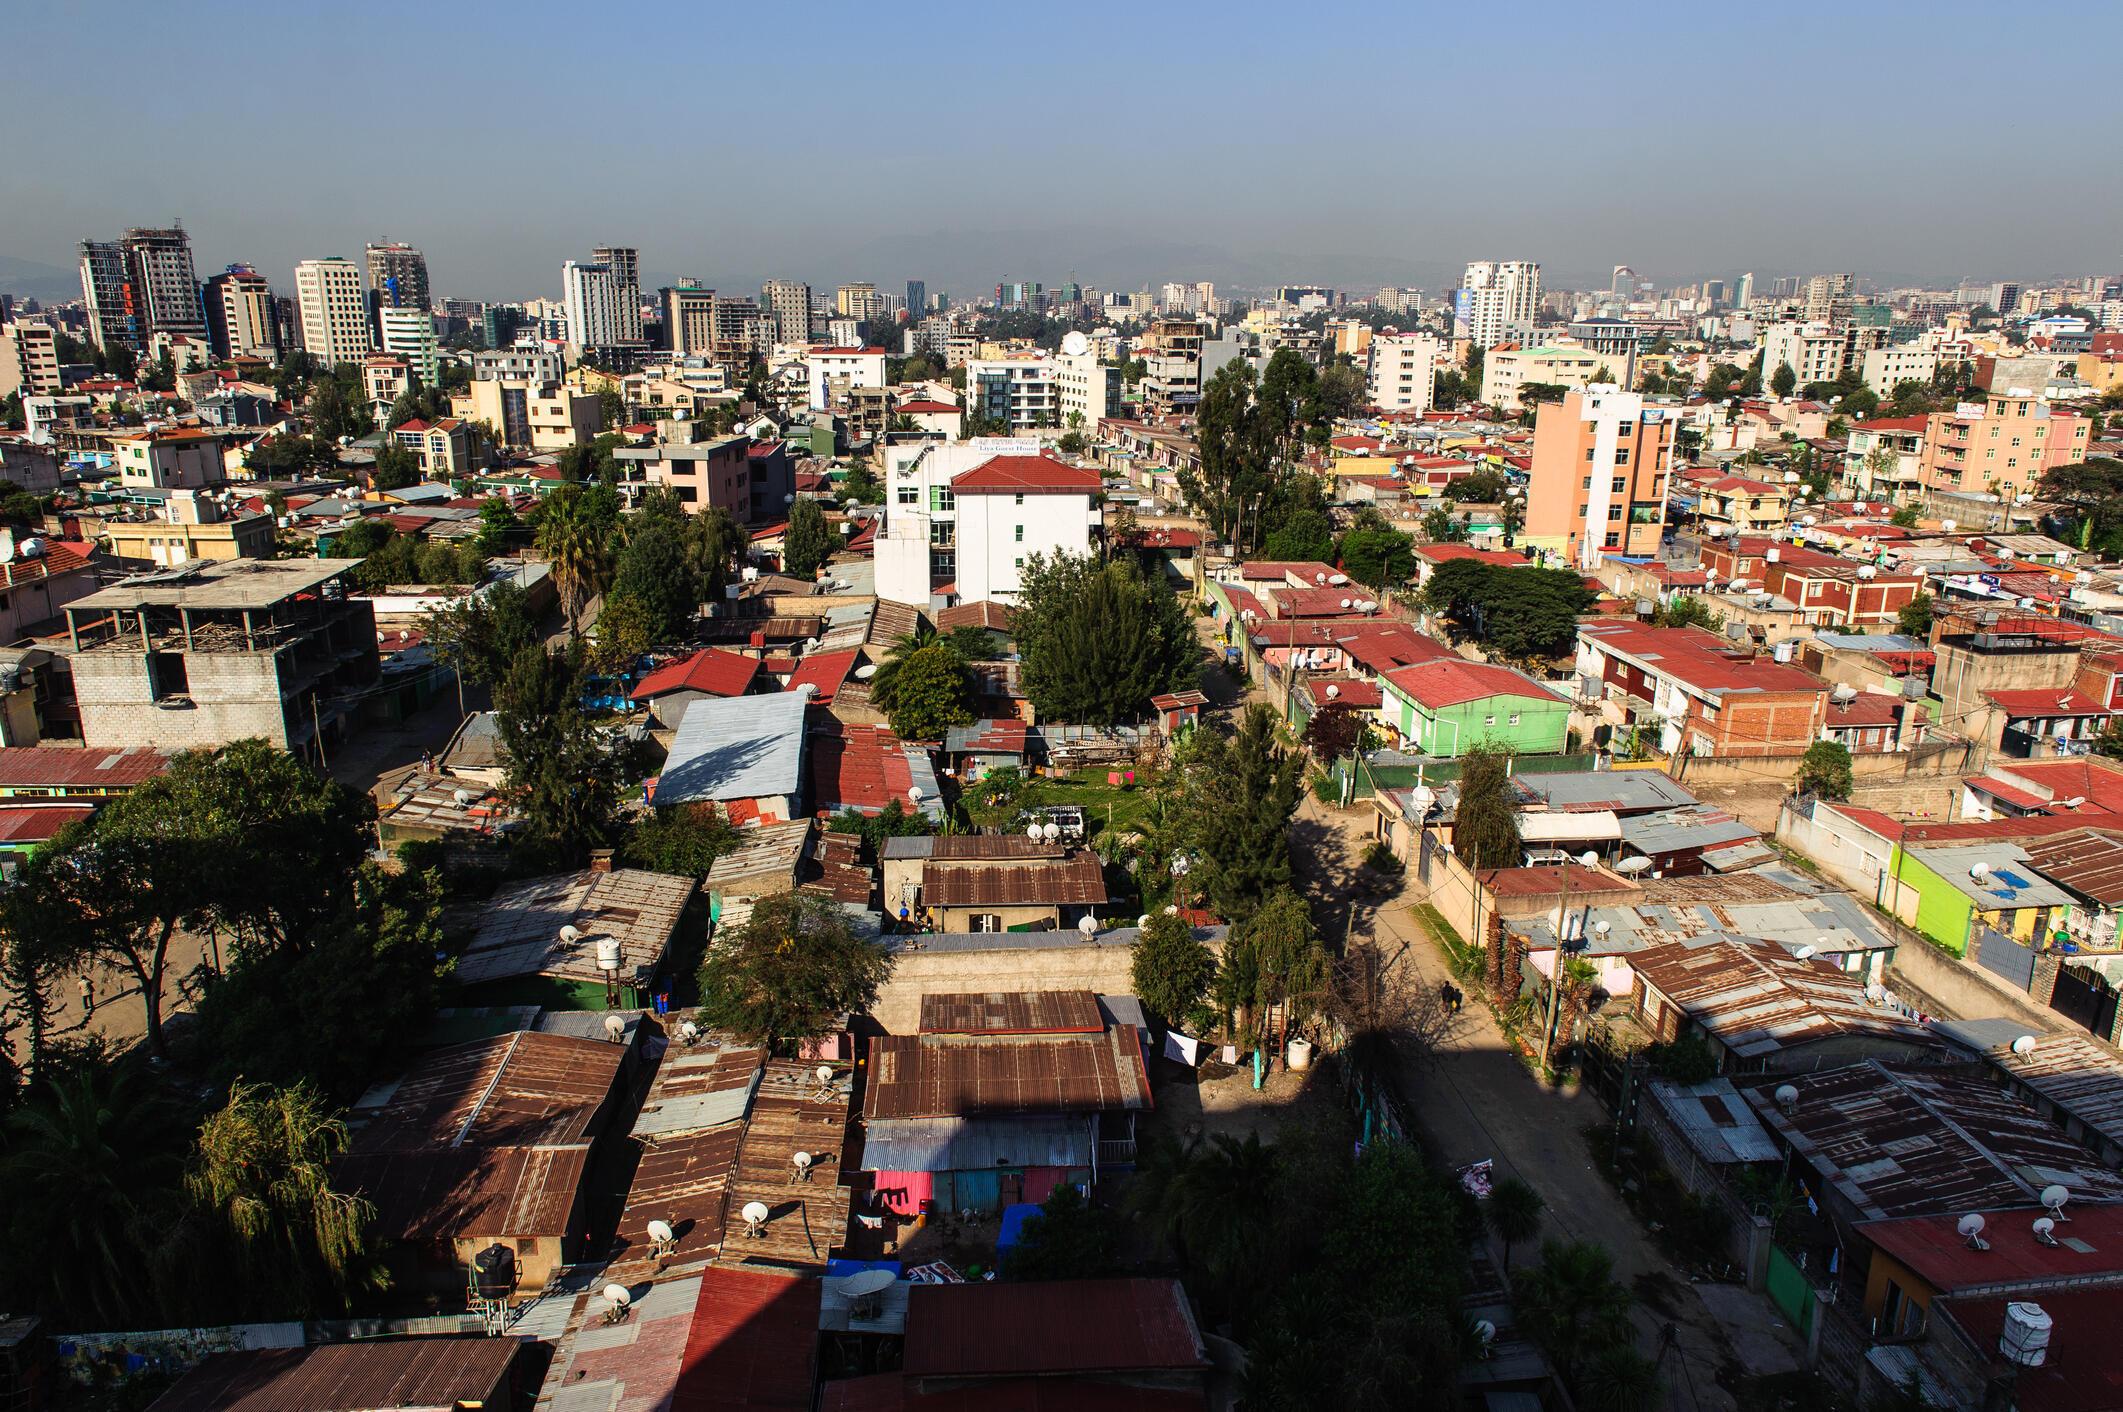 Une vue d'Addis-Abeba, la capitale de l'Ethiopie (photo d'illustration).